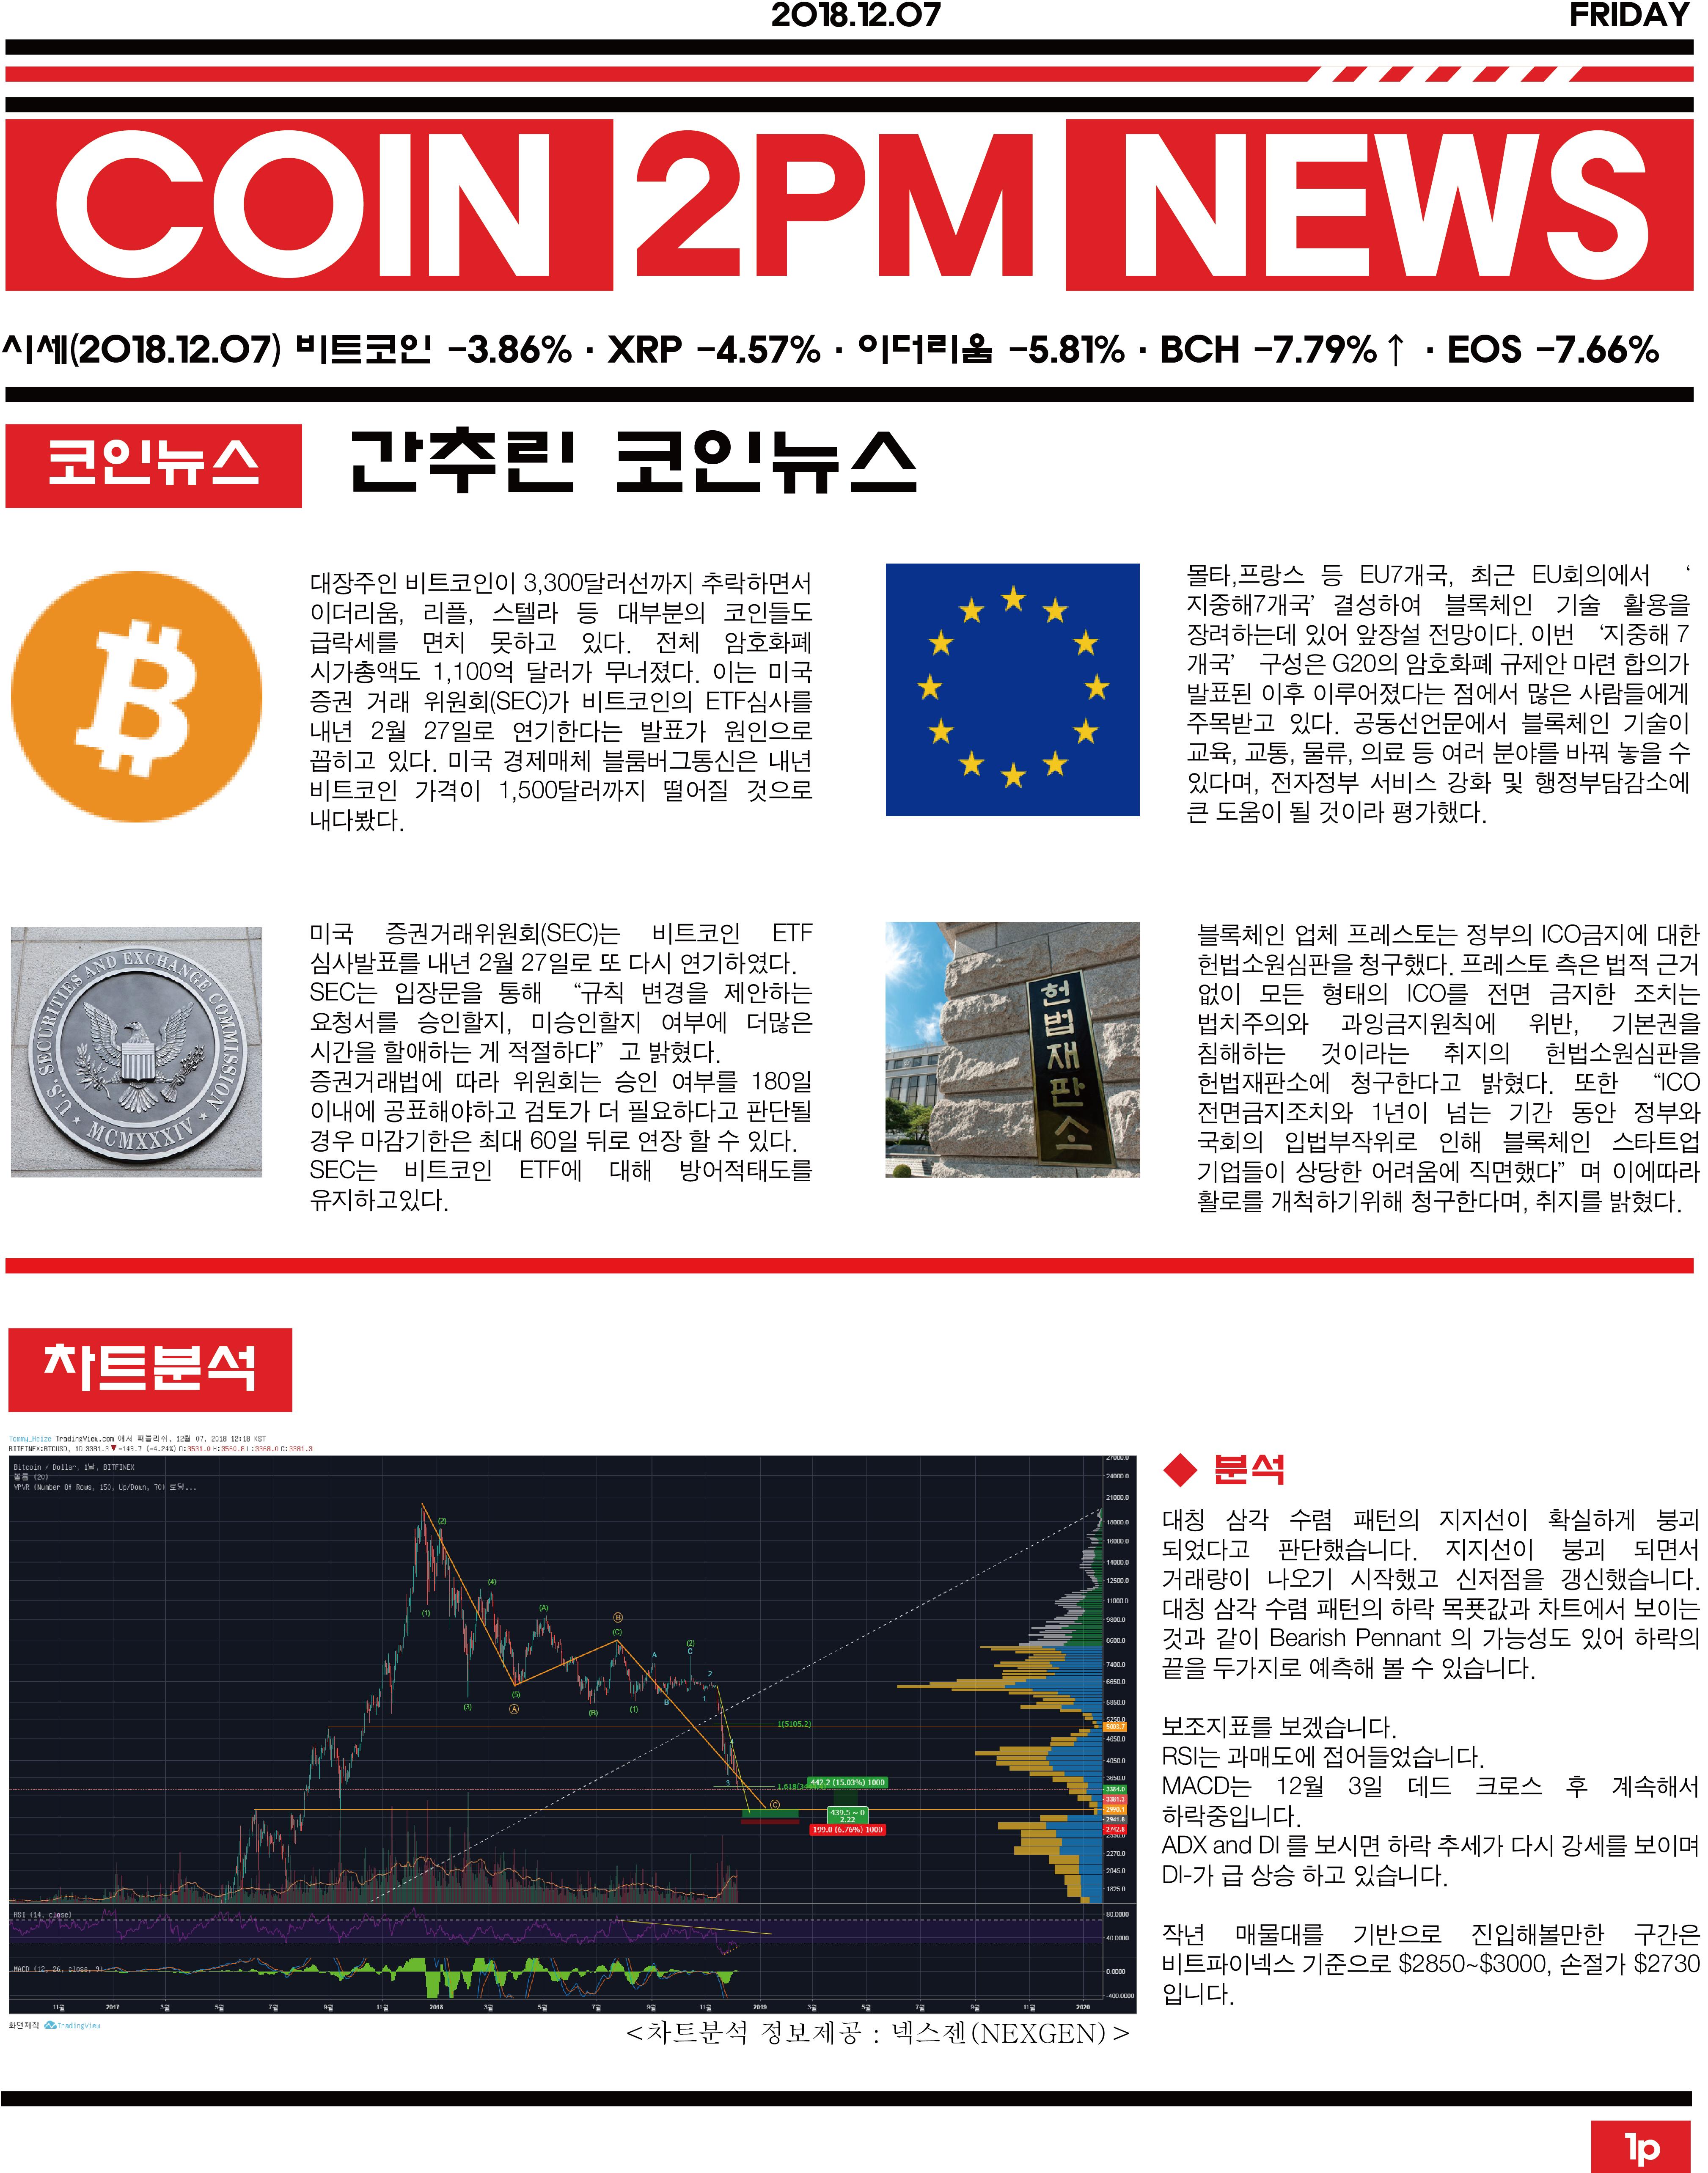 코인2PM뉴스 정보지 (1).png